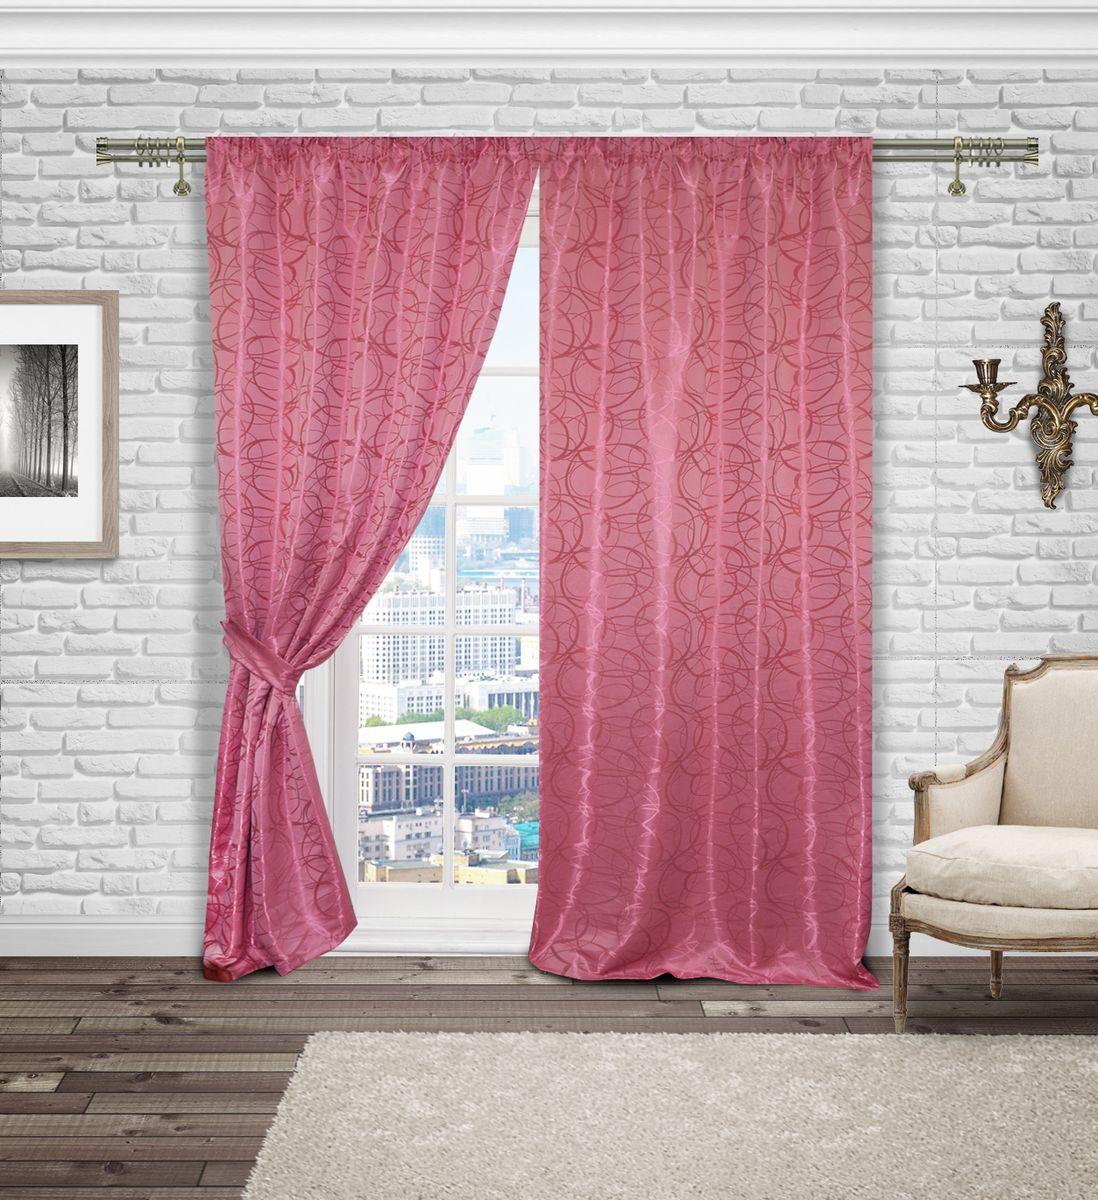 Комплект штор Zlata Korunka, на ленте, цвет: розовый, высота 250 см. 5556655566Роскошный комплект штор Zlata Korunka, выполненный из сатена жаккарда с геометрическим орнаментом, великолепно украсит любое окно. Комплект состоит из двух штор и двух подхватов. Изящный рисунок и приятная цветовая гамма привлекут к себе внимание и органично впишутся в интерьер помещения. Этот комплект будет долгое время радовать вас и вашу семью.Комплект крепится на карниз при помощи ленты, которая поможет красиво и равномерно задрапировать верх.